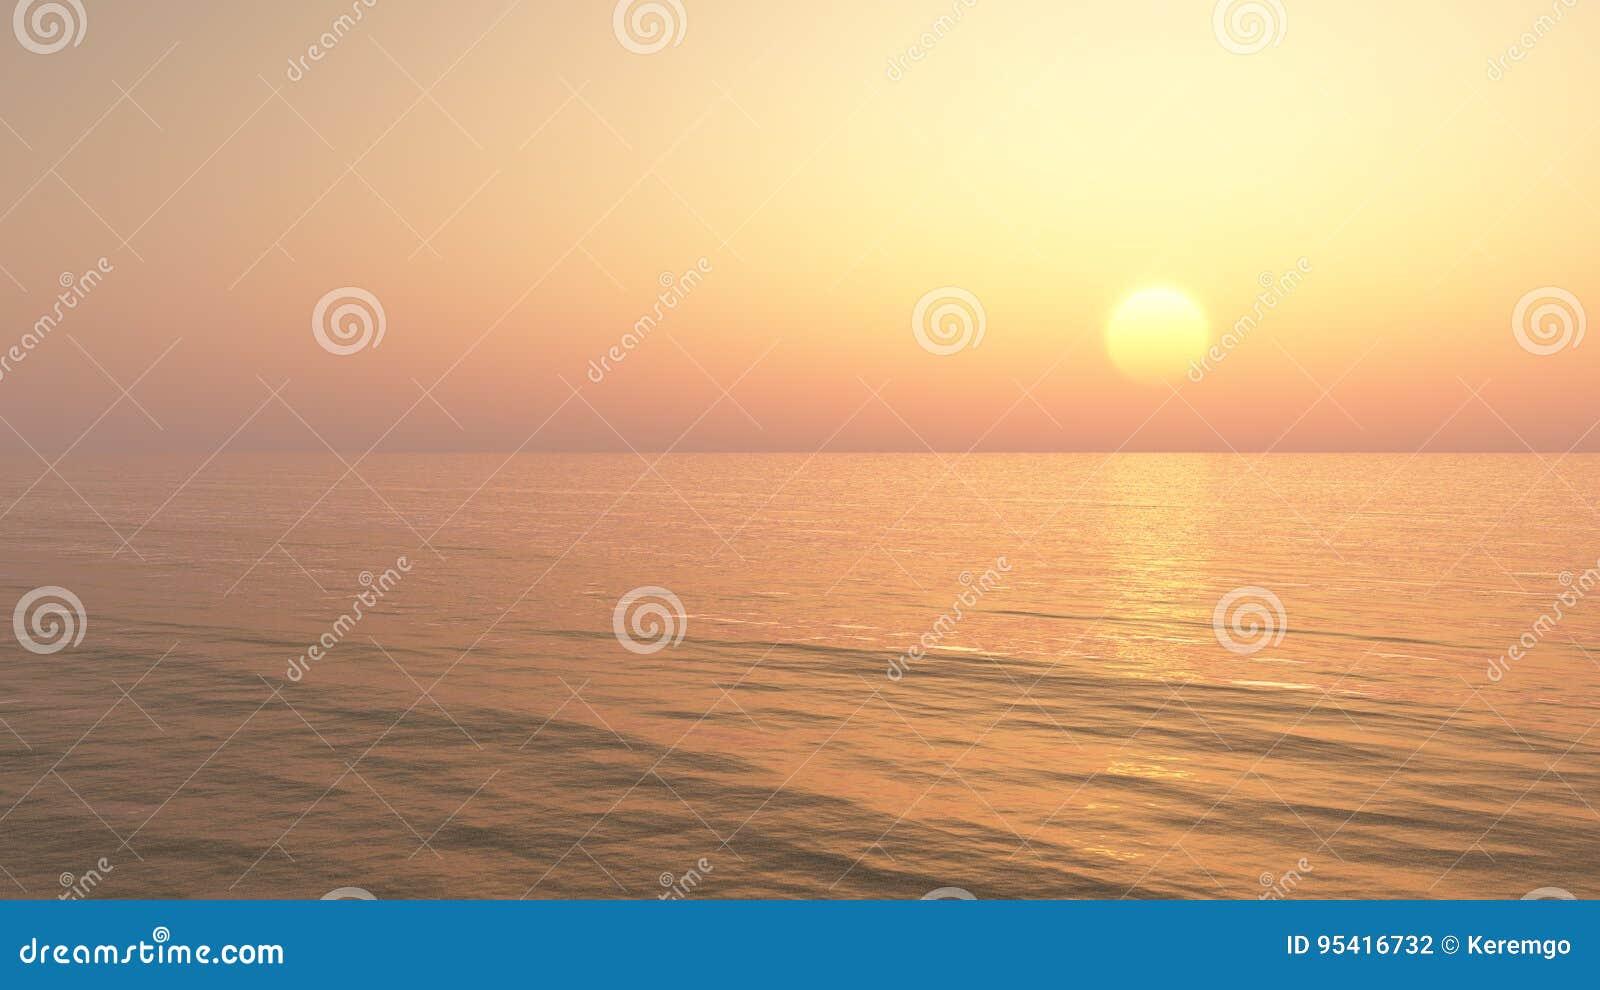 Χαλαρώνοντας υπόβαθρο ηλιοβασιλέματος